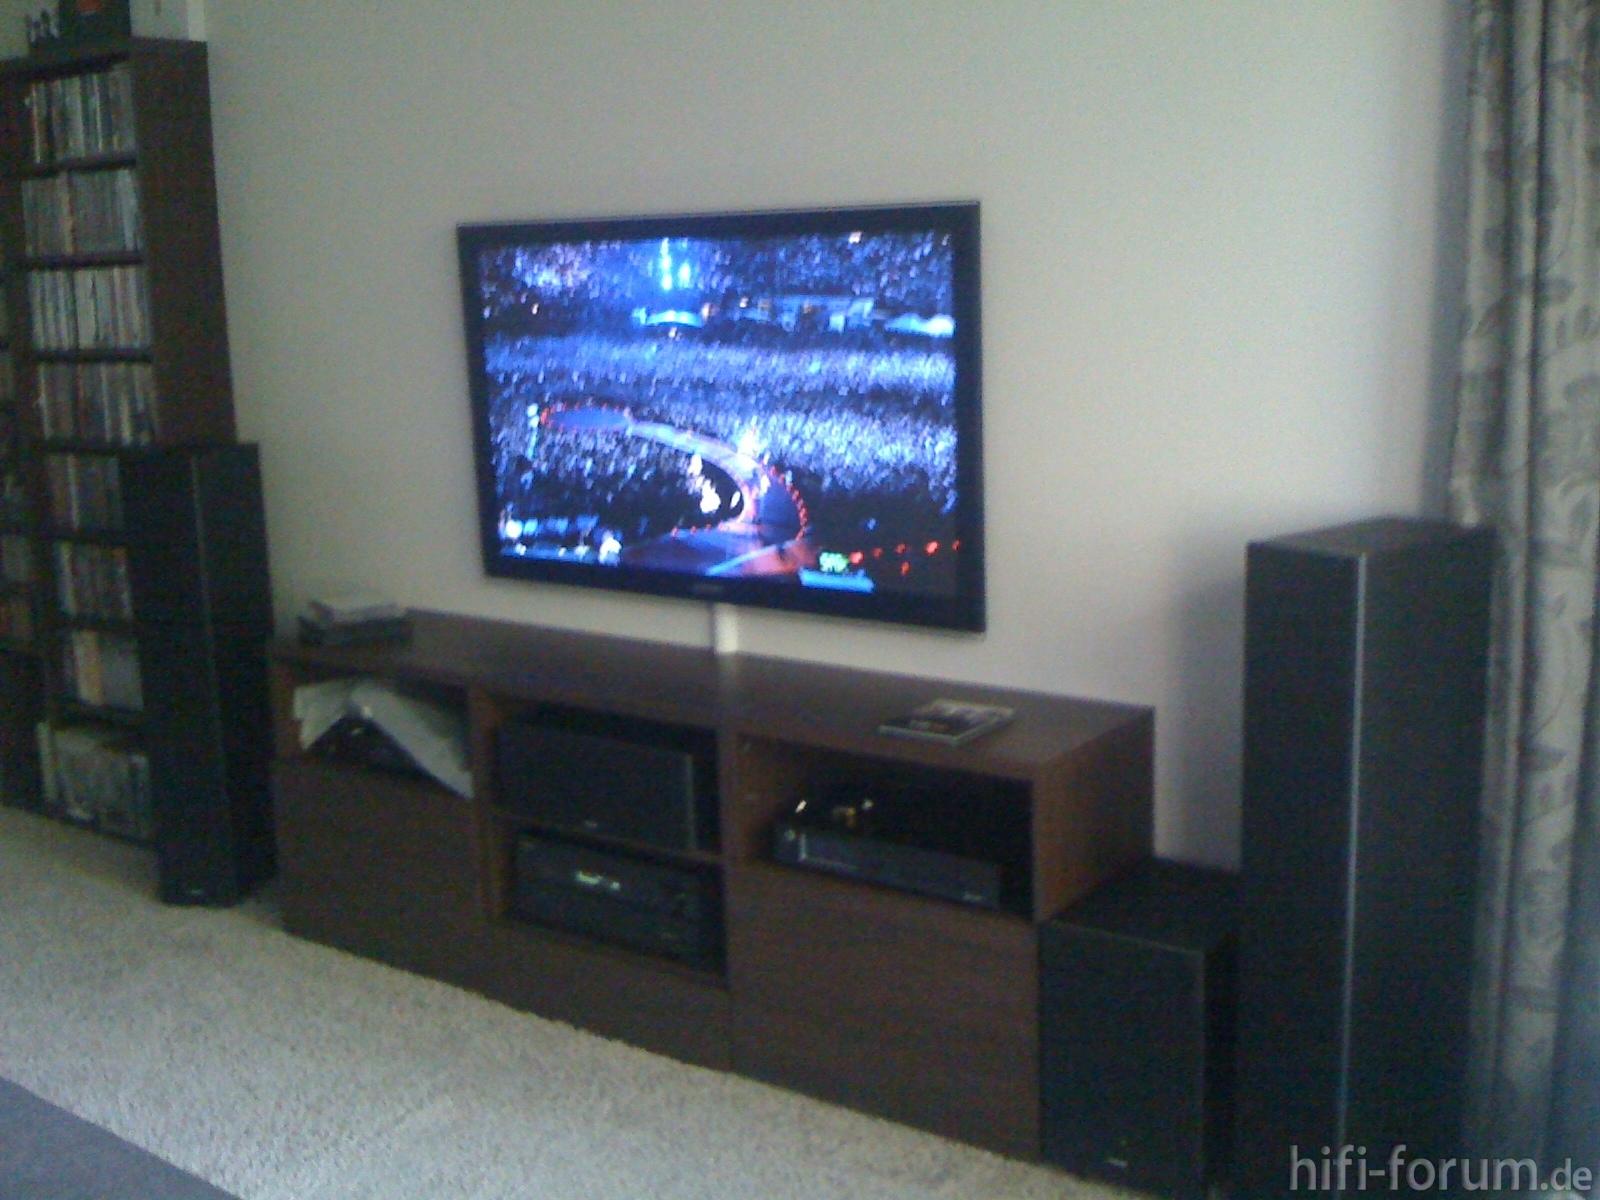 mein neues wohnzimmer 9384 offtopic hifi bildergalerie. Black Bedroom Furniture Sets. Home Design Ideas